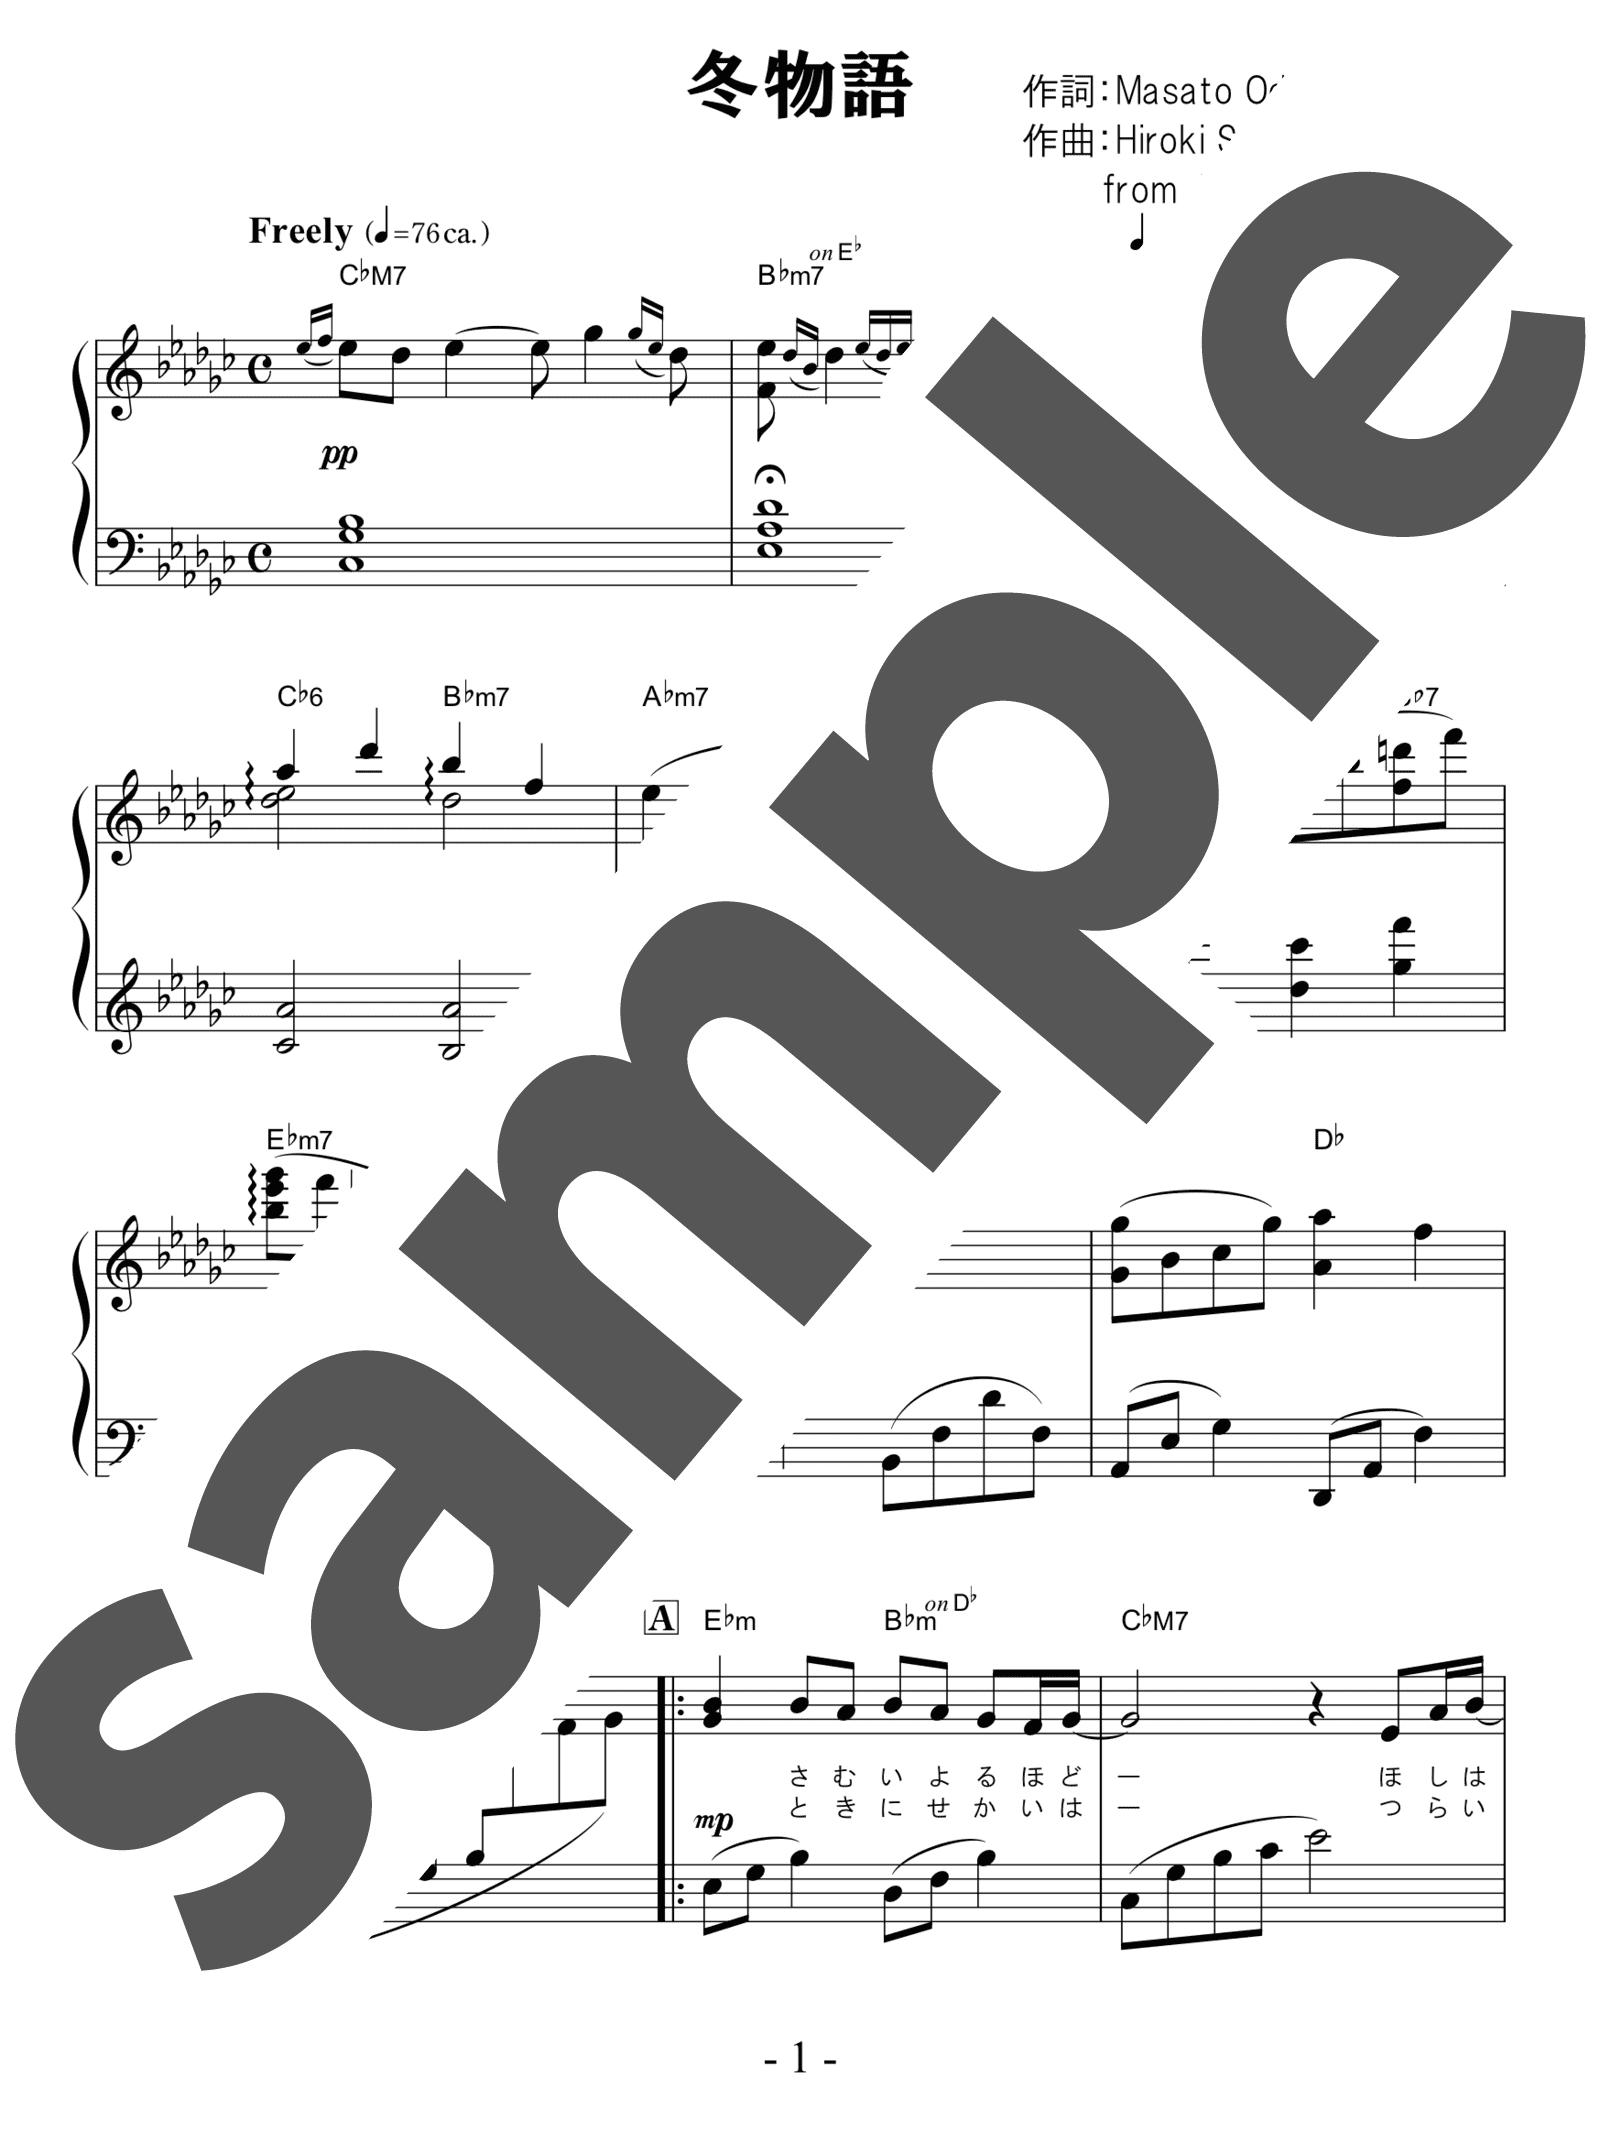 「冬物語」のサンプル楽譜